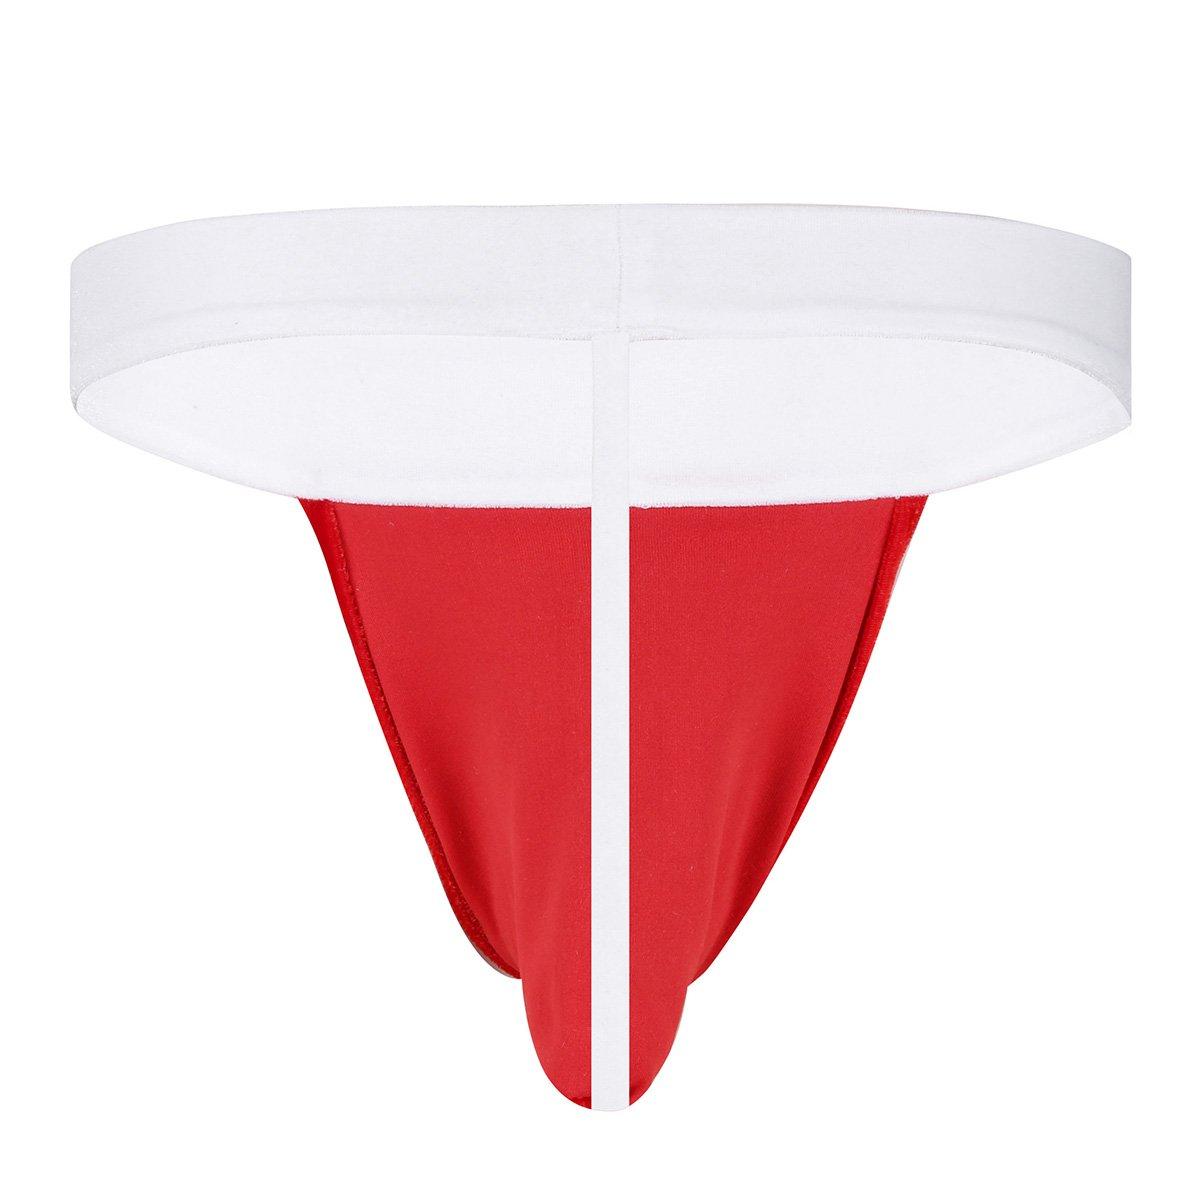 FEESHOW Tanga Slip hombre como un Gorro de Navidad Disfraz hombre Bikini ropa interior Atractiva Rojo XL: Amazon.es: Ropa y accesorios